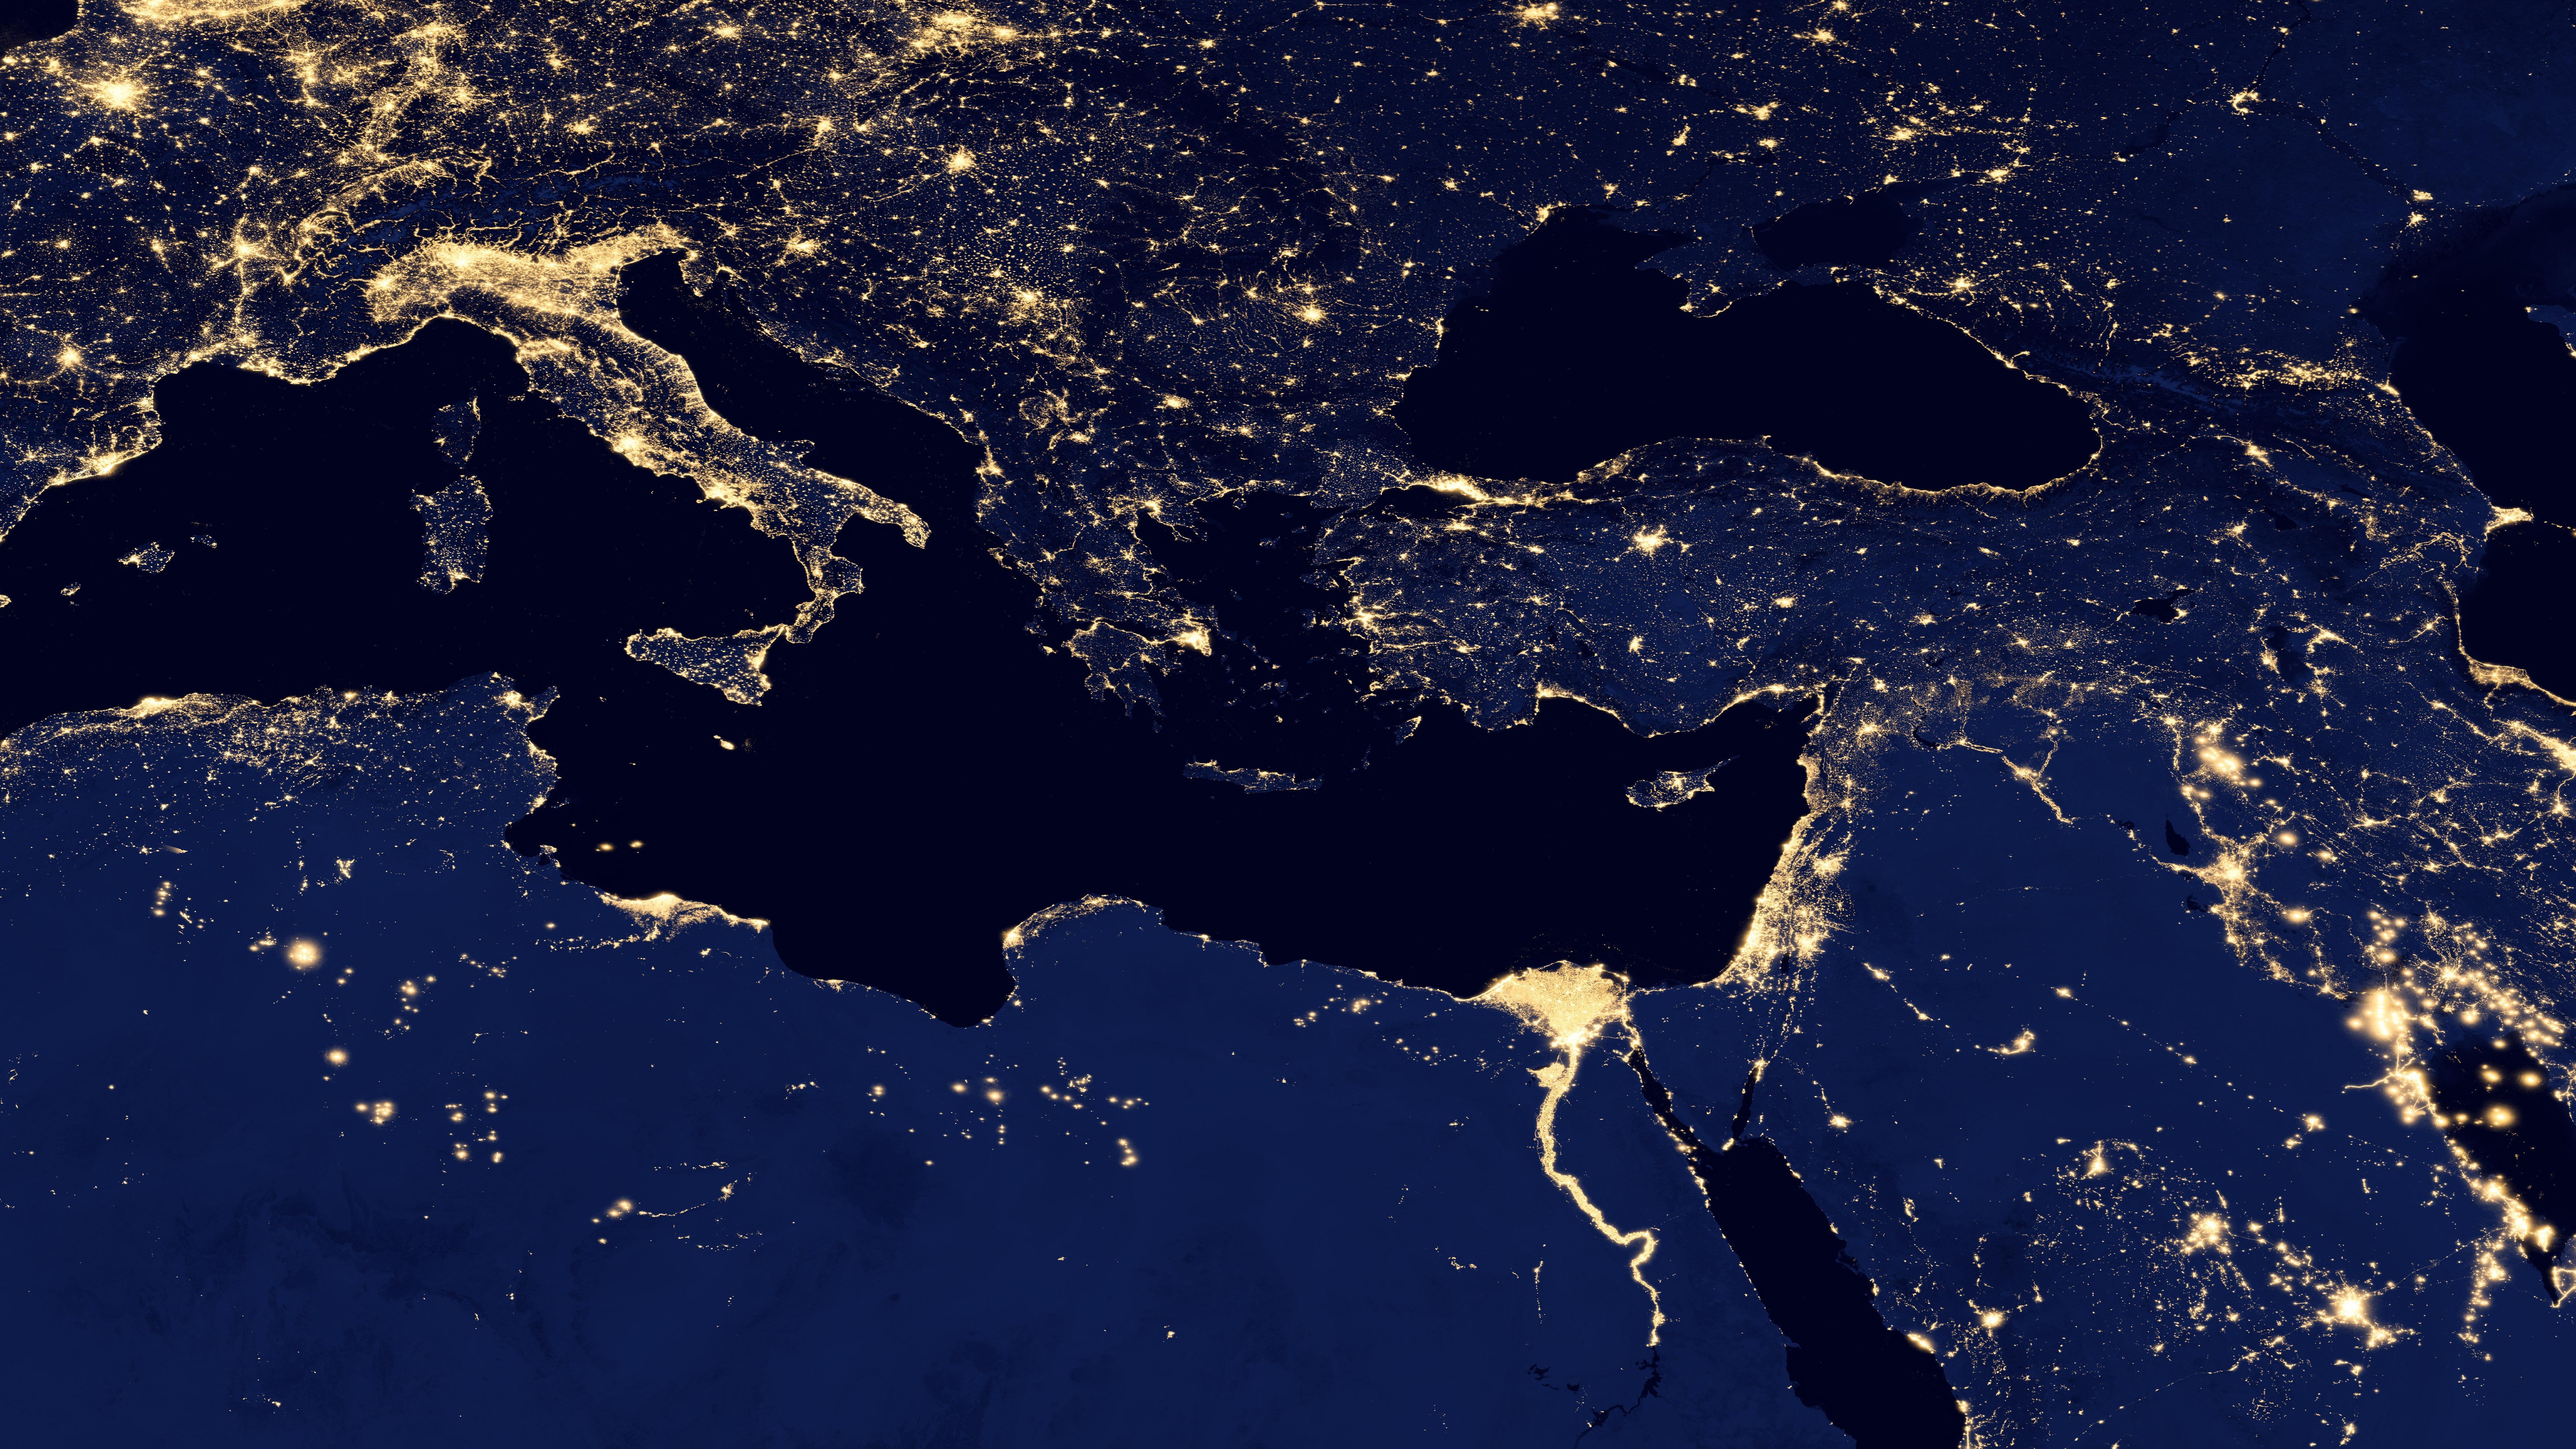 Night Lights of the Mediterranean Sea v2012 wallpaper